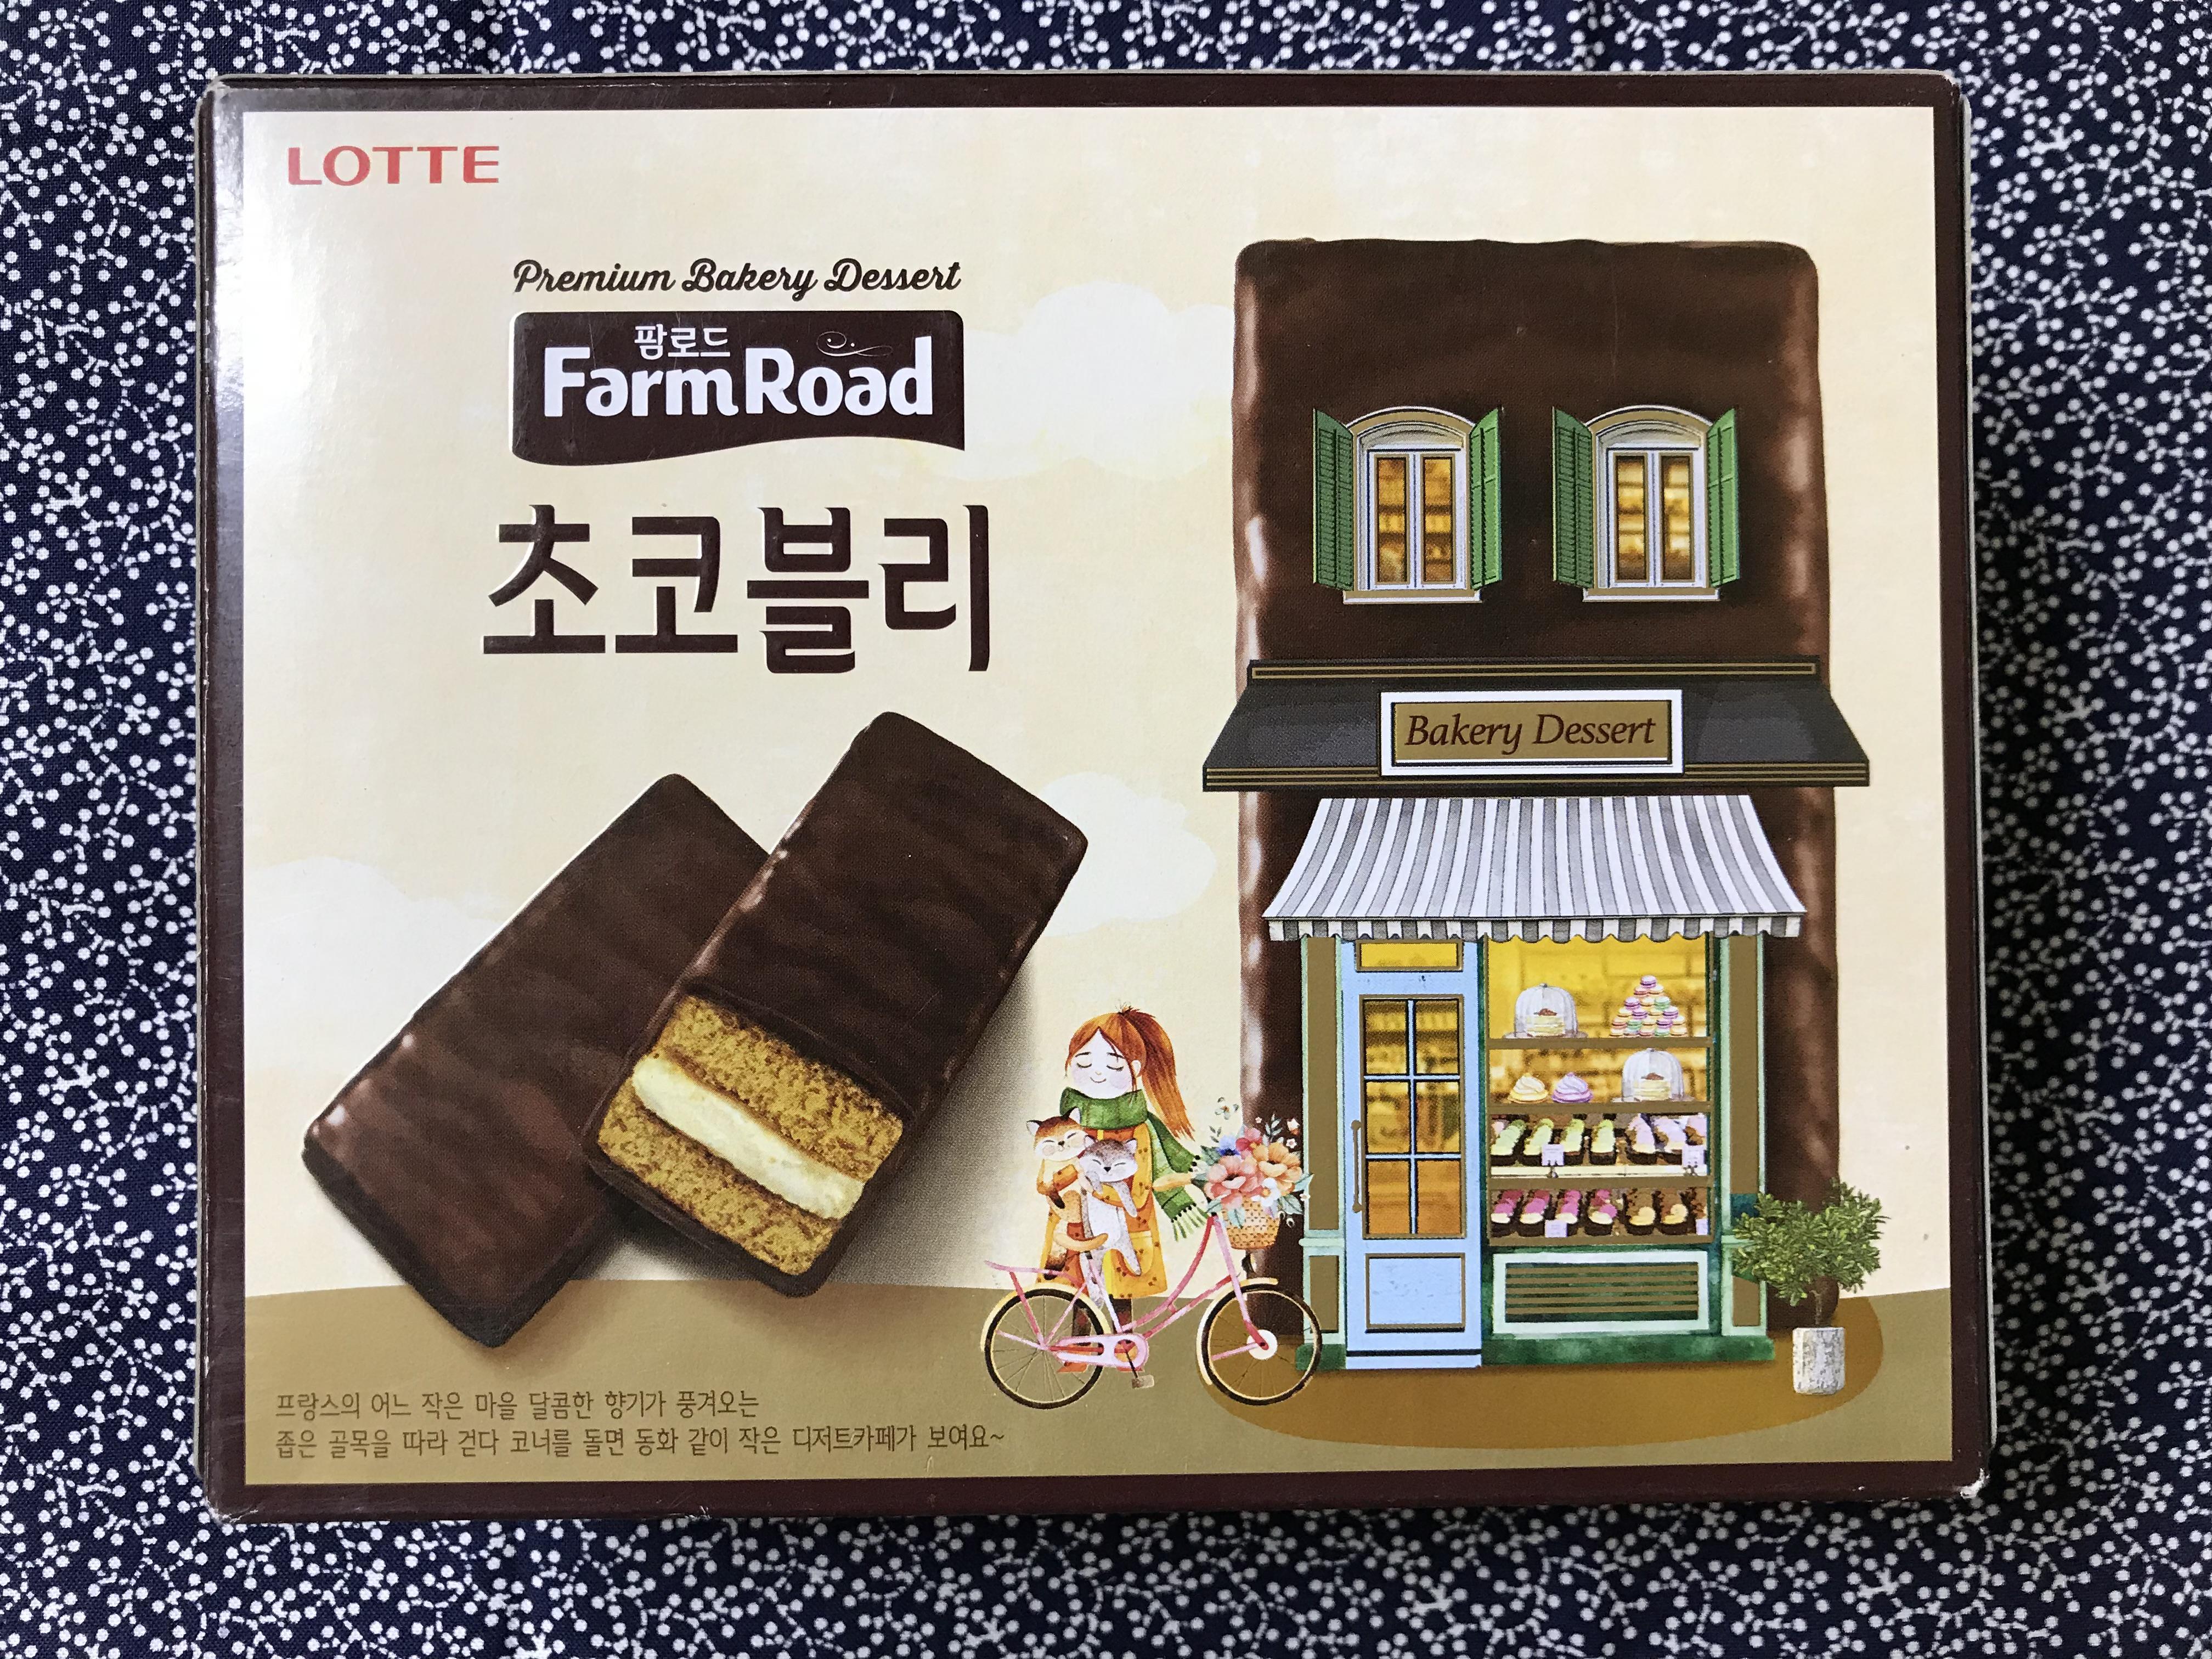 부드럽고 달달한 커피맛 초코케이크, [LOTTE..